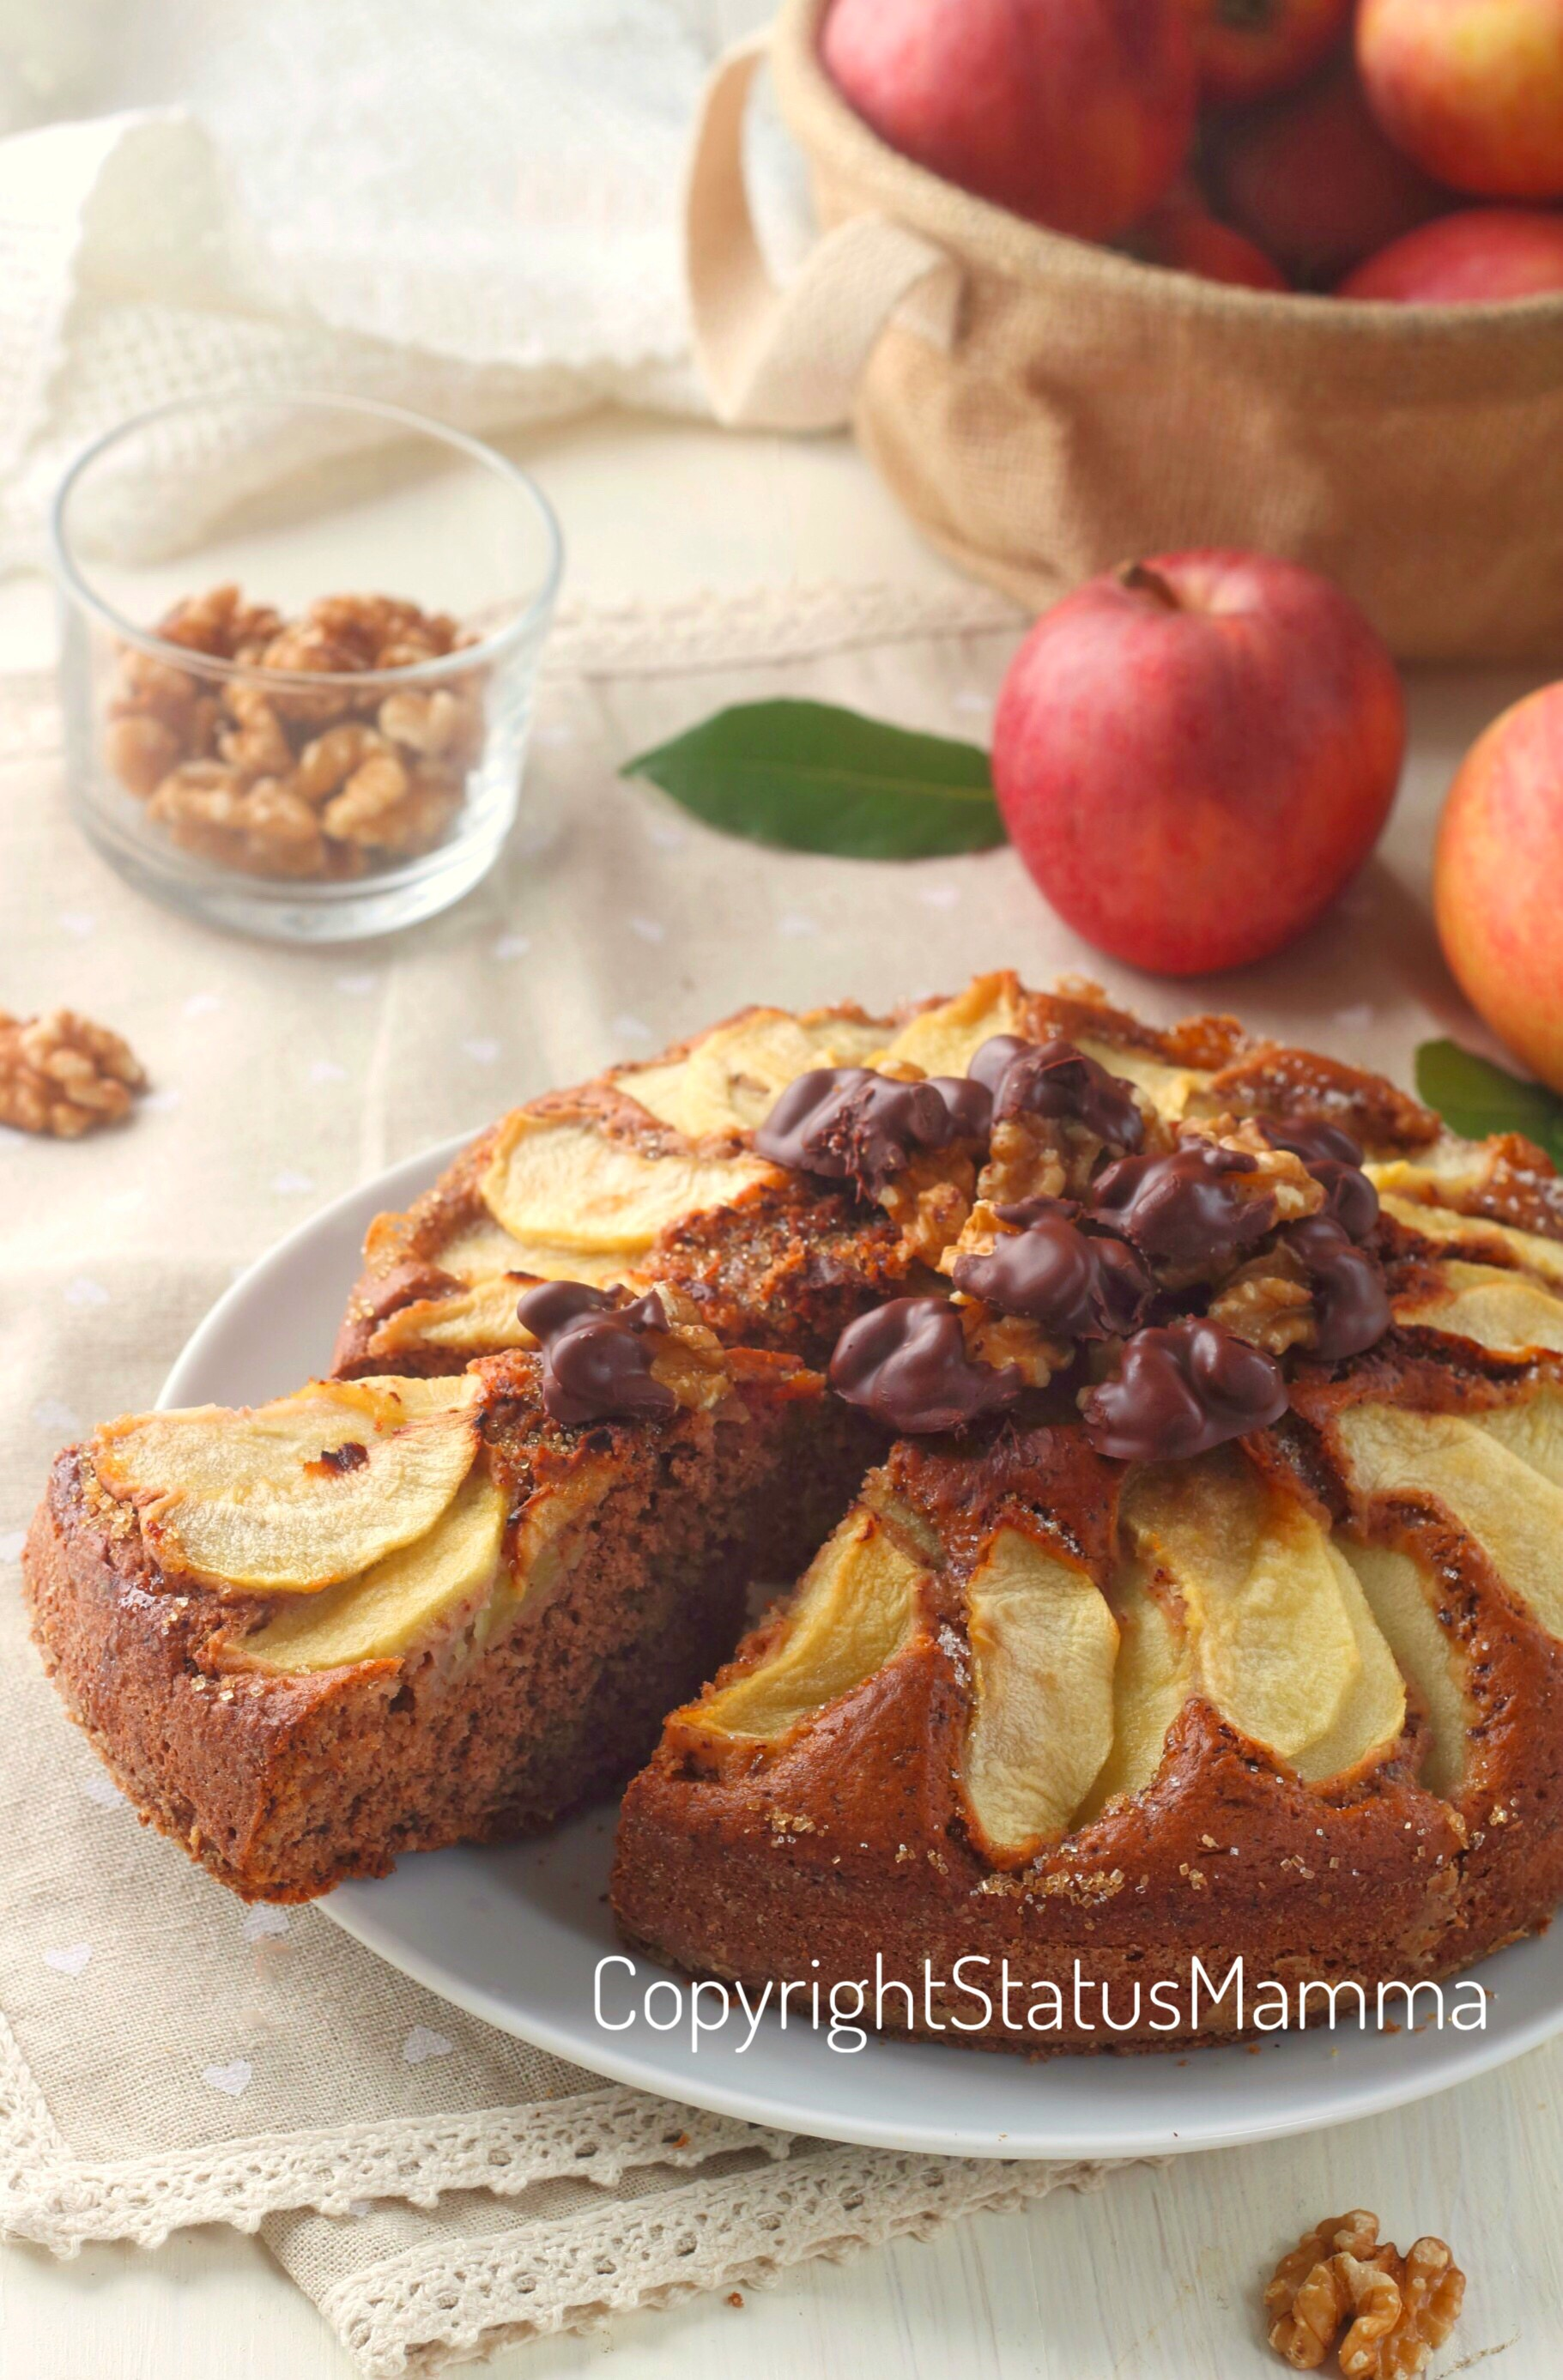 Torta di mele al cioccolato e noci